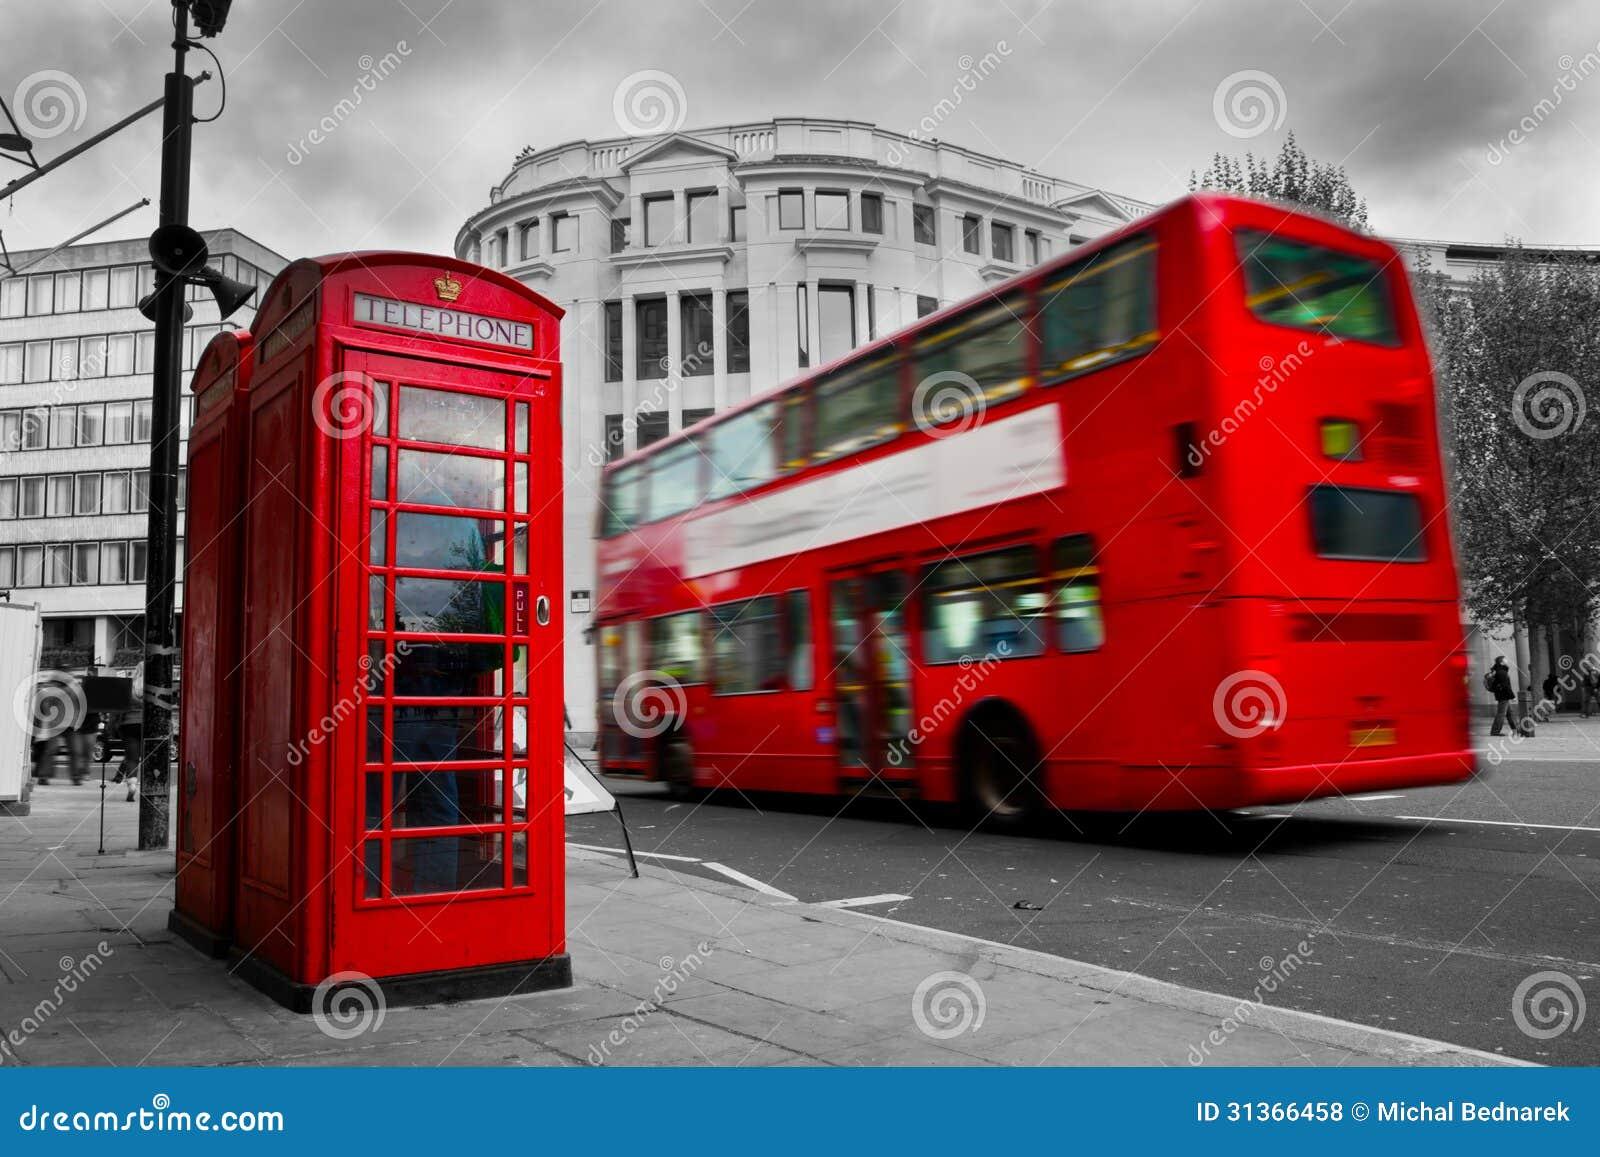 London, Großbritannien. Rote Telefonzelle und roter Bus